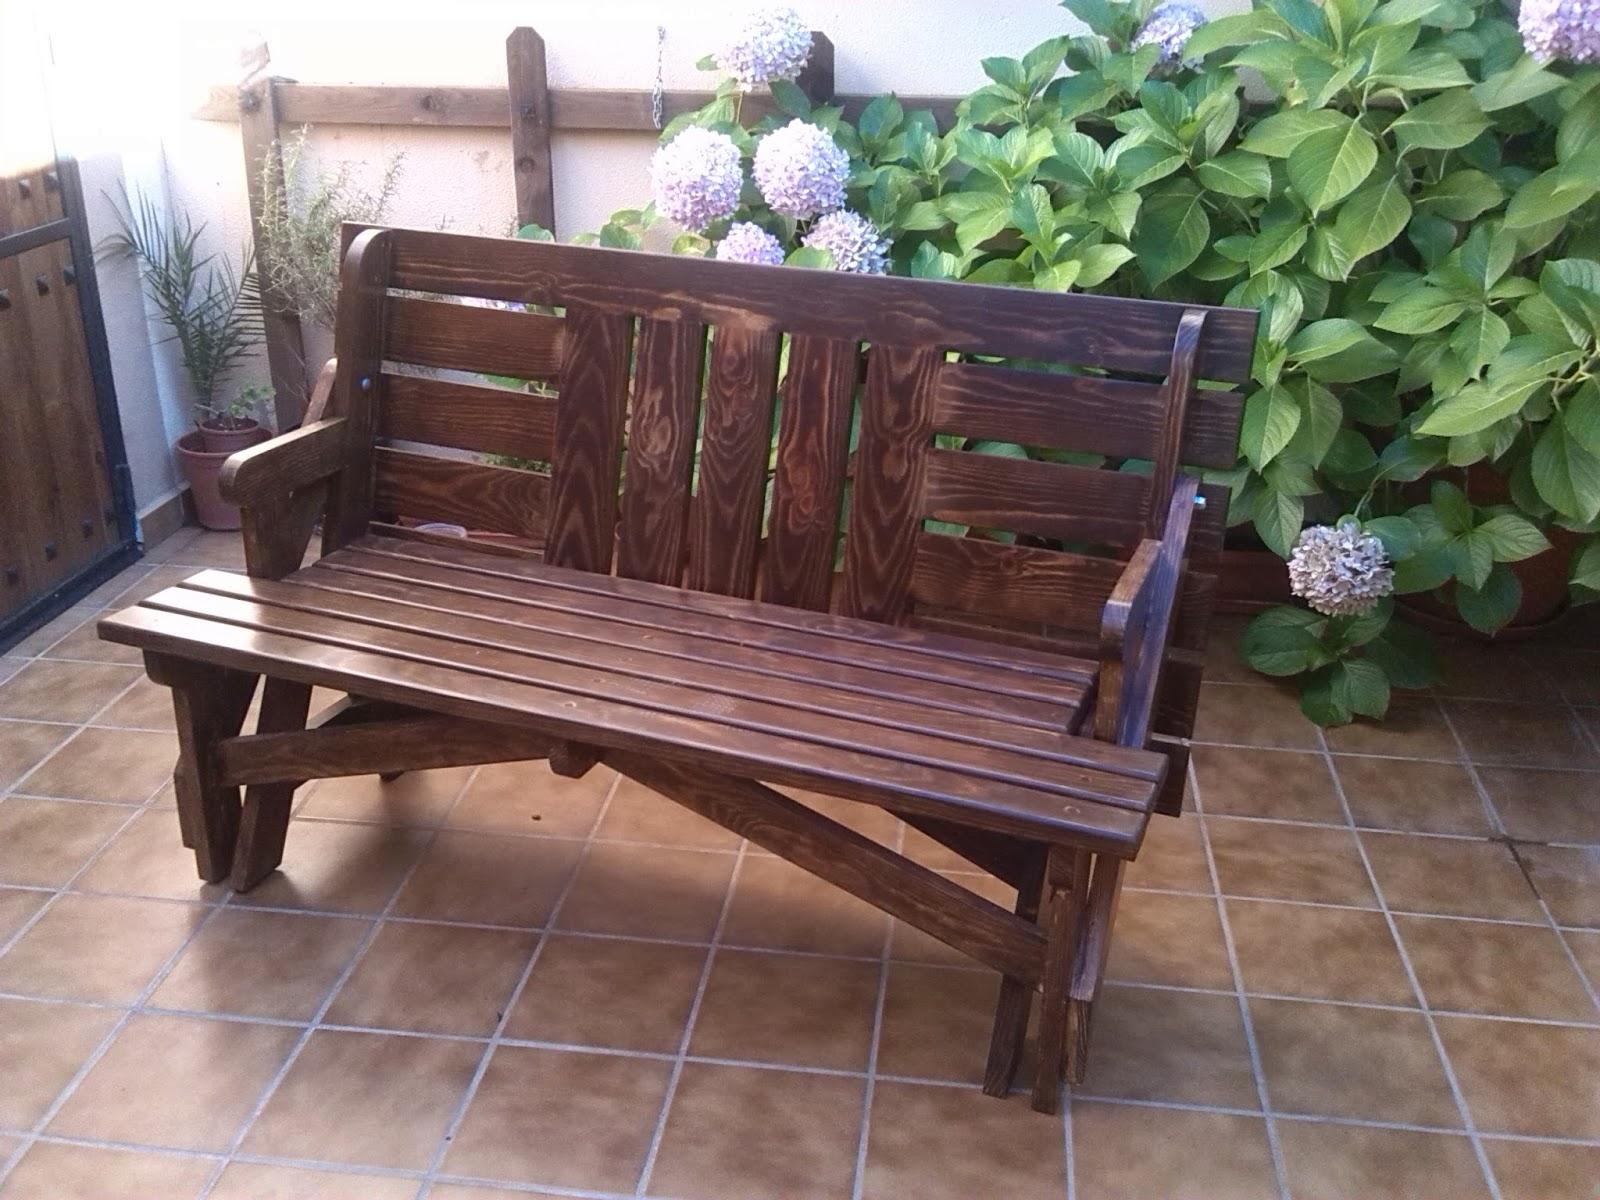 Entre virutas mesa de jardin transformable en banco - Banco de jardin ...